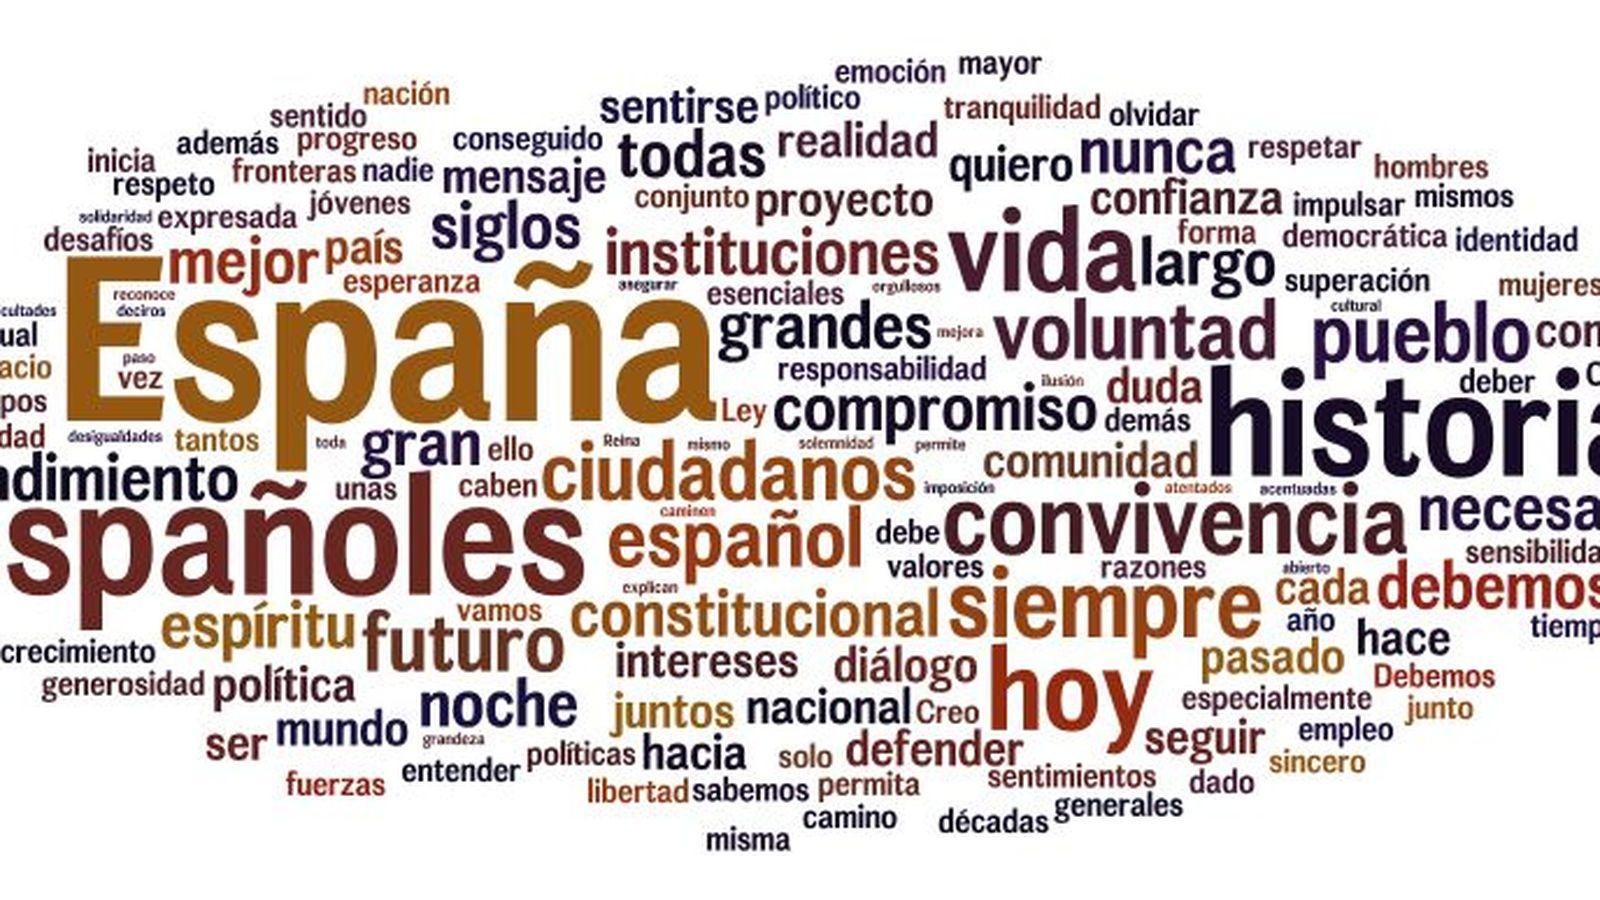 Foto: Palabras más repetidas por Felipe VI en el mensaje de Navidad de 2015.